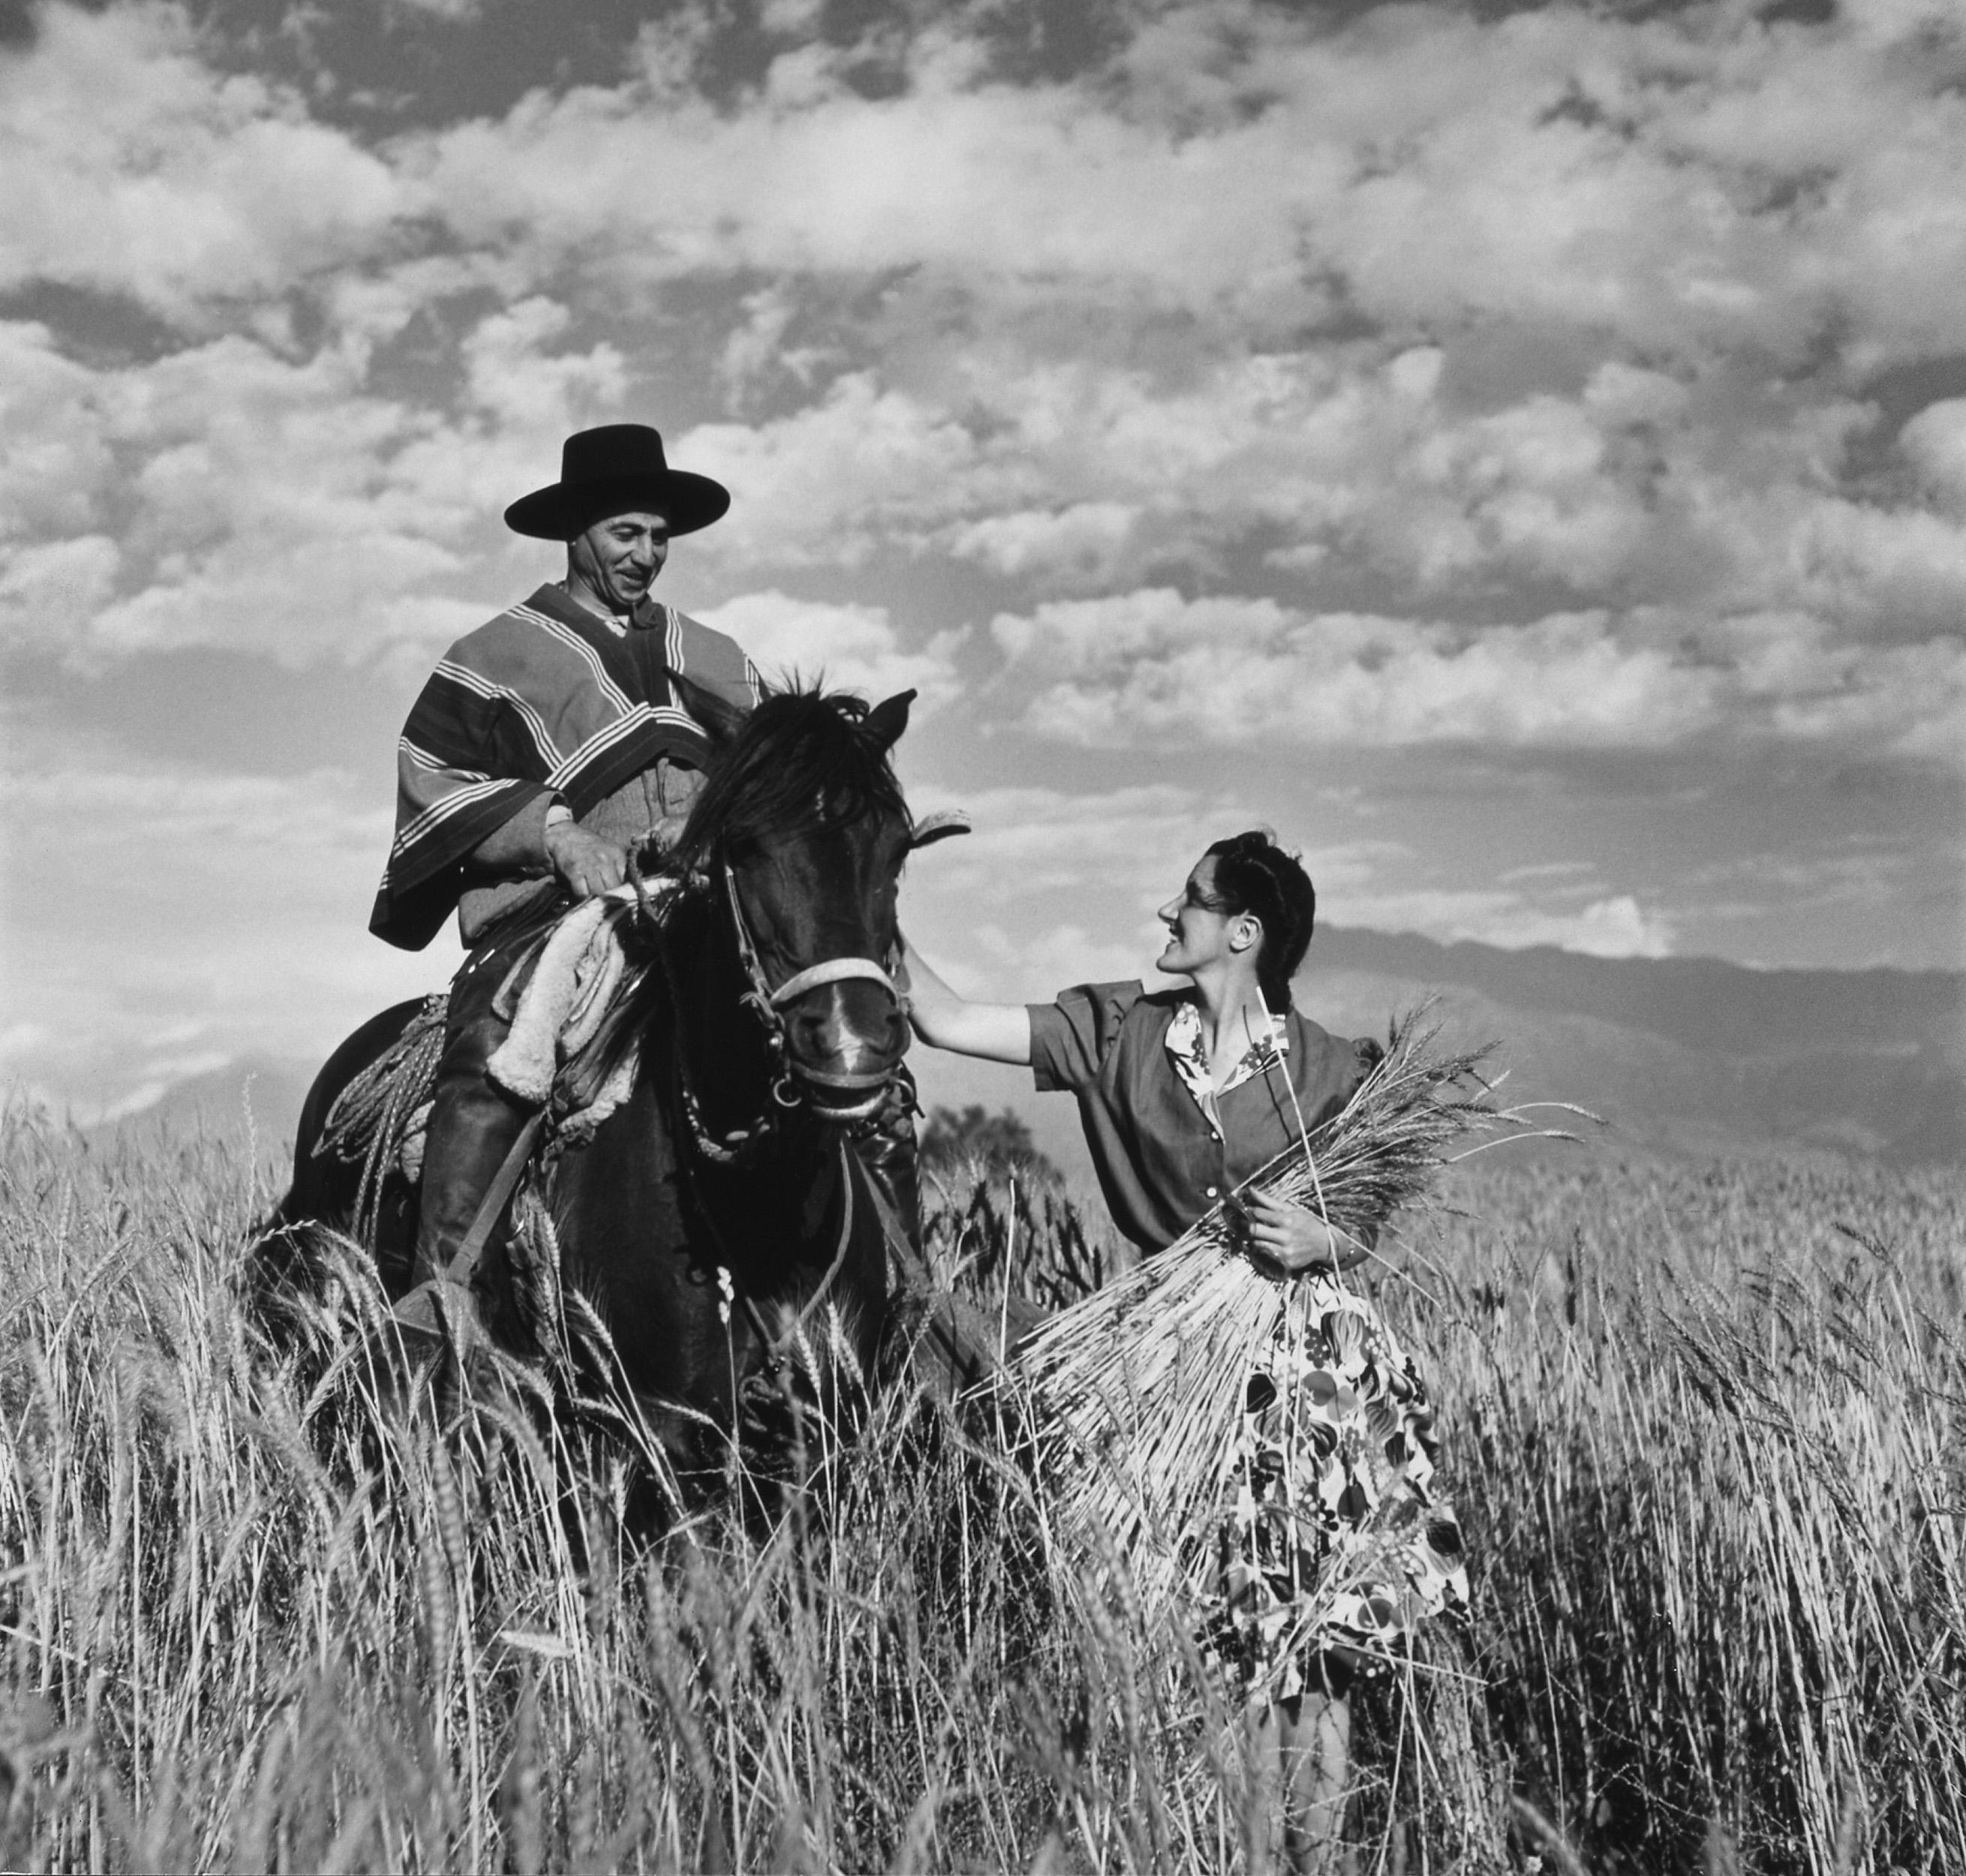 Mujer y gaucho chileno en un trigal. Autor, Toni Frissell